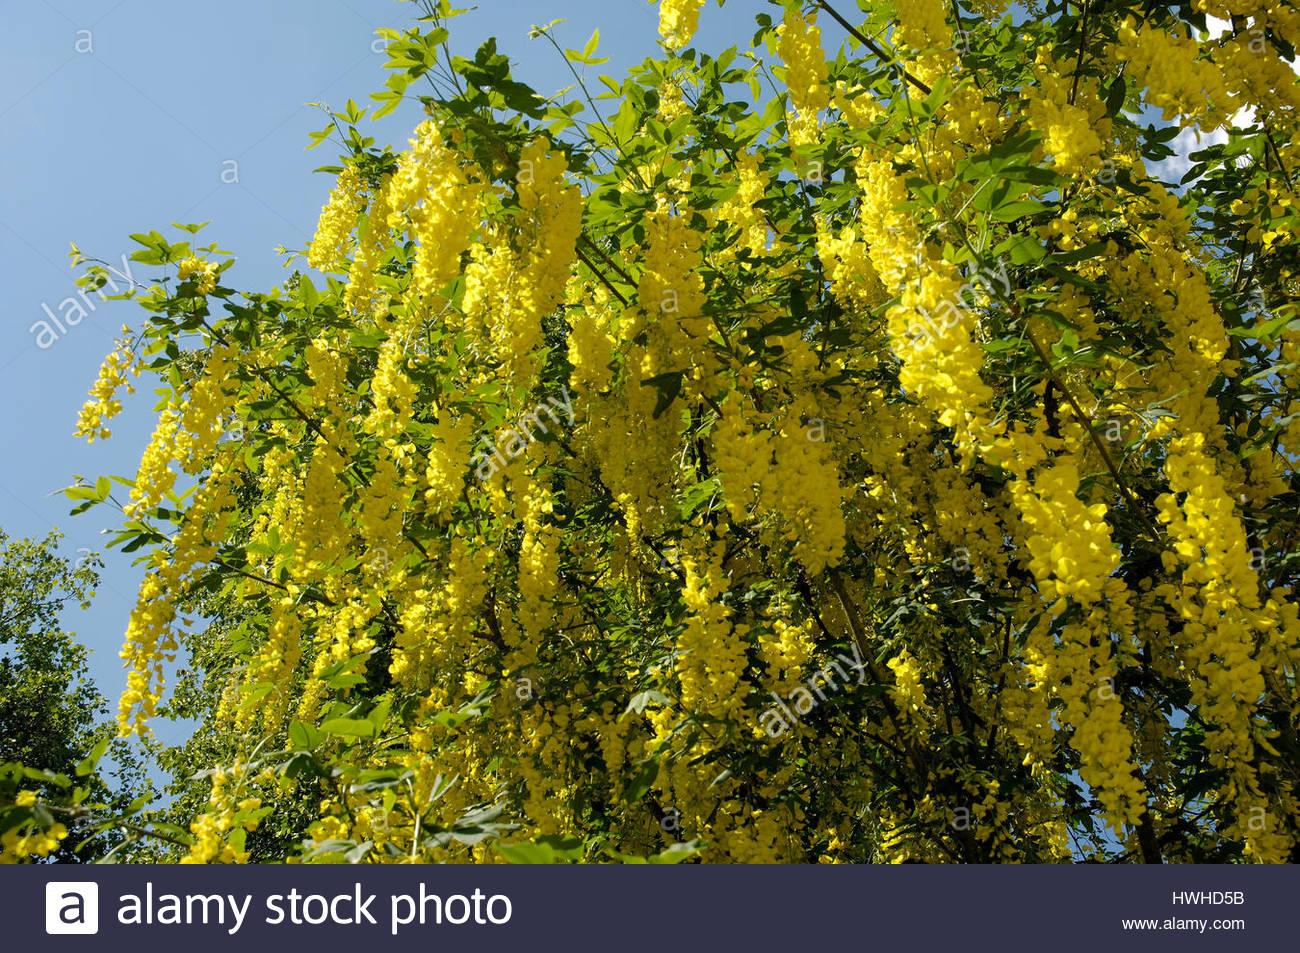 Common Laburnum, Laburnum anagyroides, laburnums, bean tree, gold fever,  yellow shrub, Laburnum anagyroides , Common Laburnum / (Laburnum anagyroides